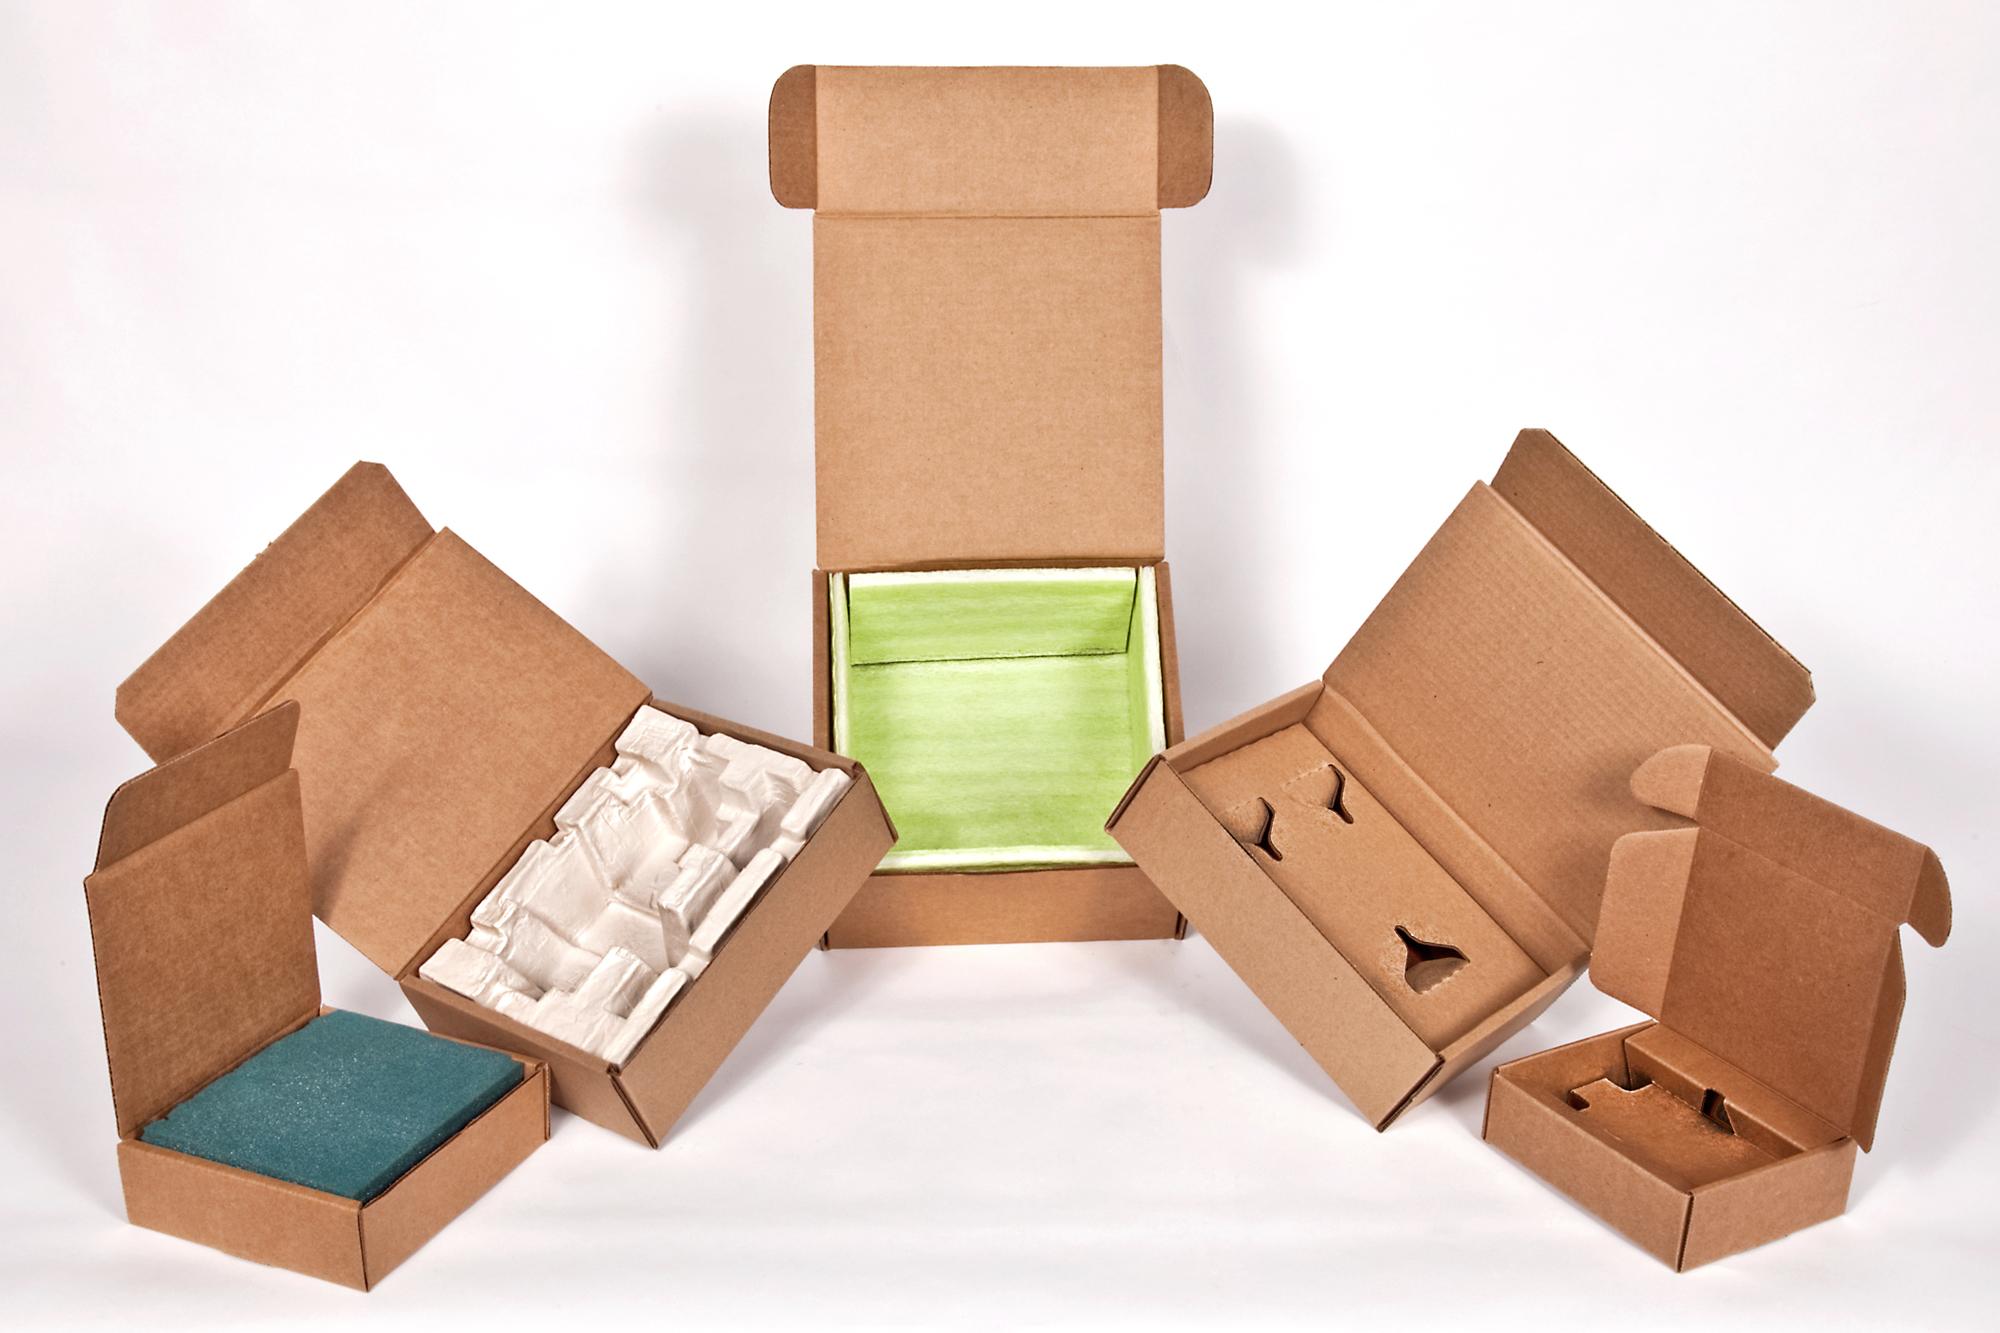 buy custom packaging boxes online